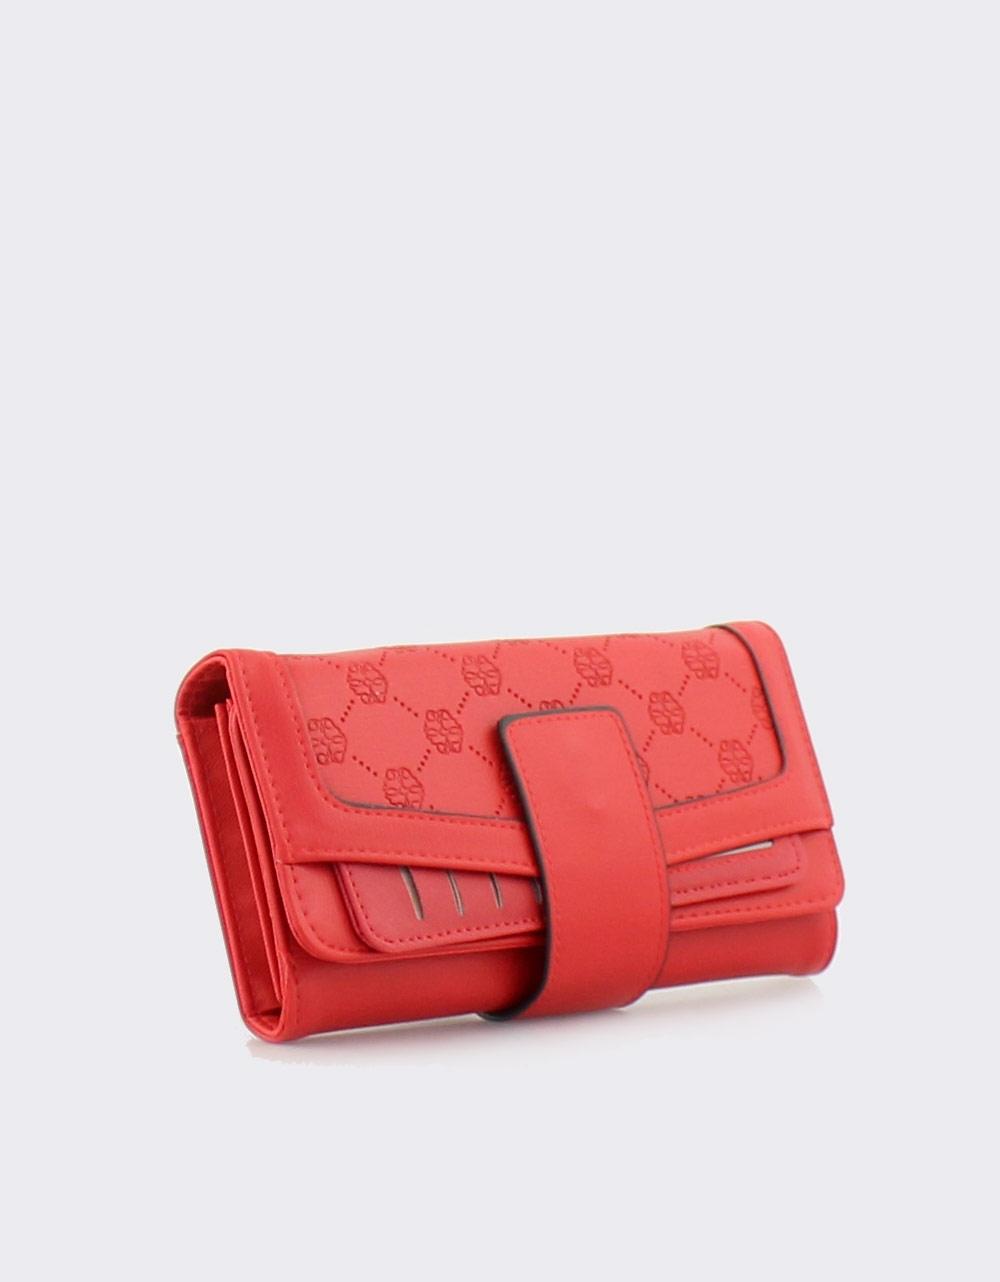 6f9165ddb3 Εικόνα από Γυναικεία πορτοφόλια με μοτίβο Κόκκινο